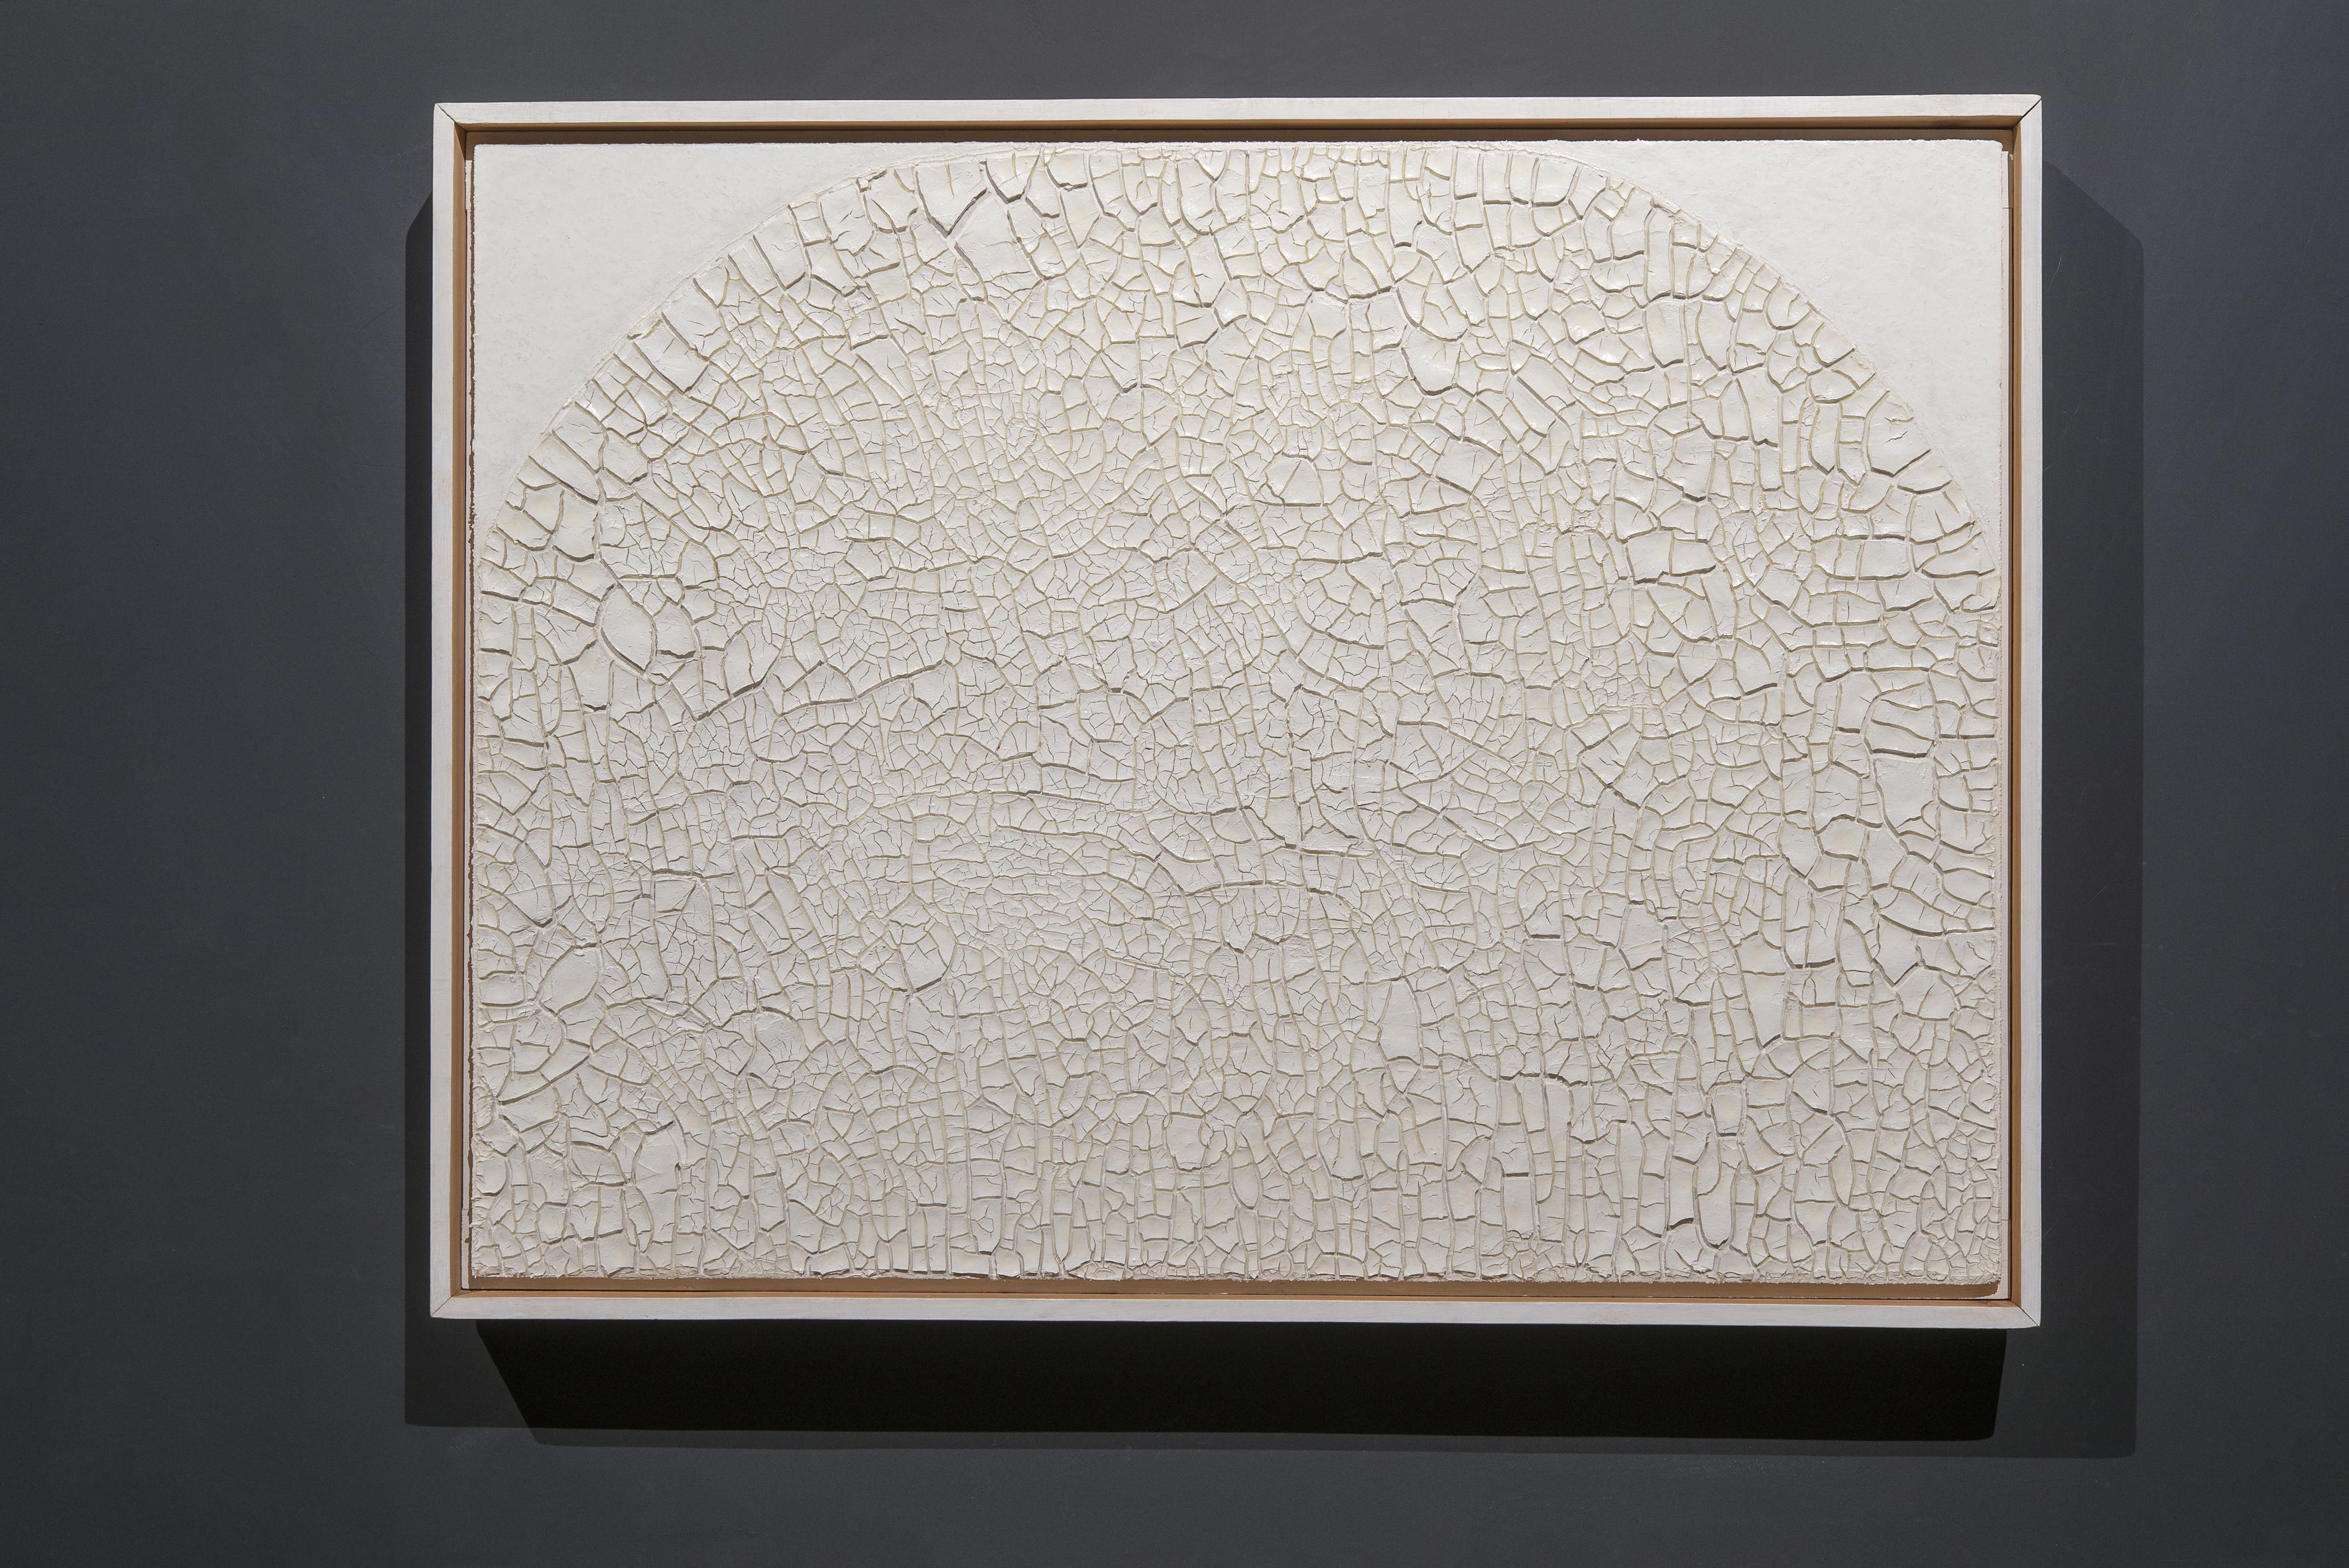 Alberto Burri, Cretto, 1974, Acrovinilico su cellotex, cm 76,5 x 101, Fondazione Palazzo Albizzini Collezione Burri